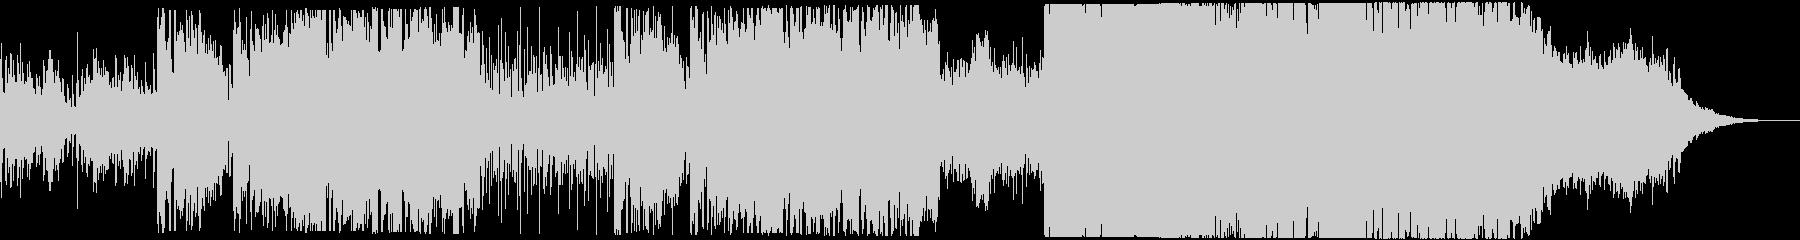 古楽器メインの不思議かわいいBGMの未再生の波形